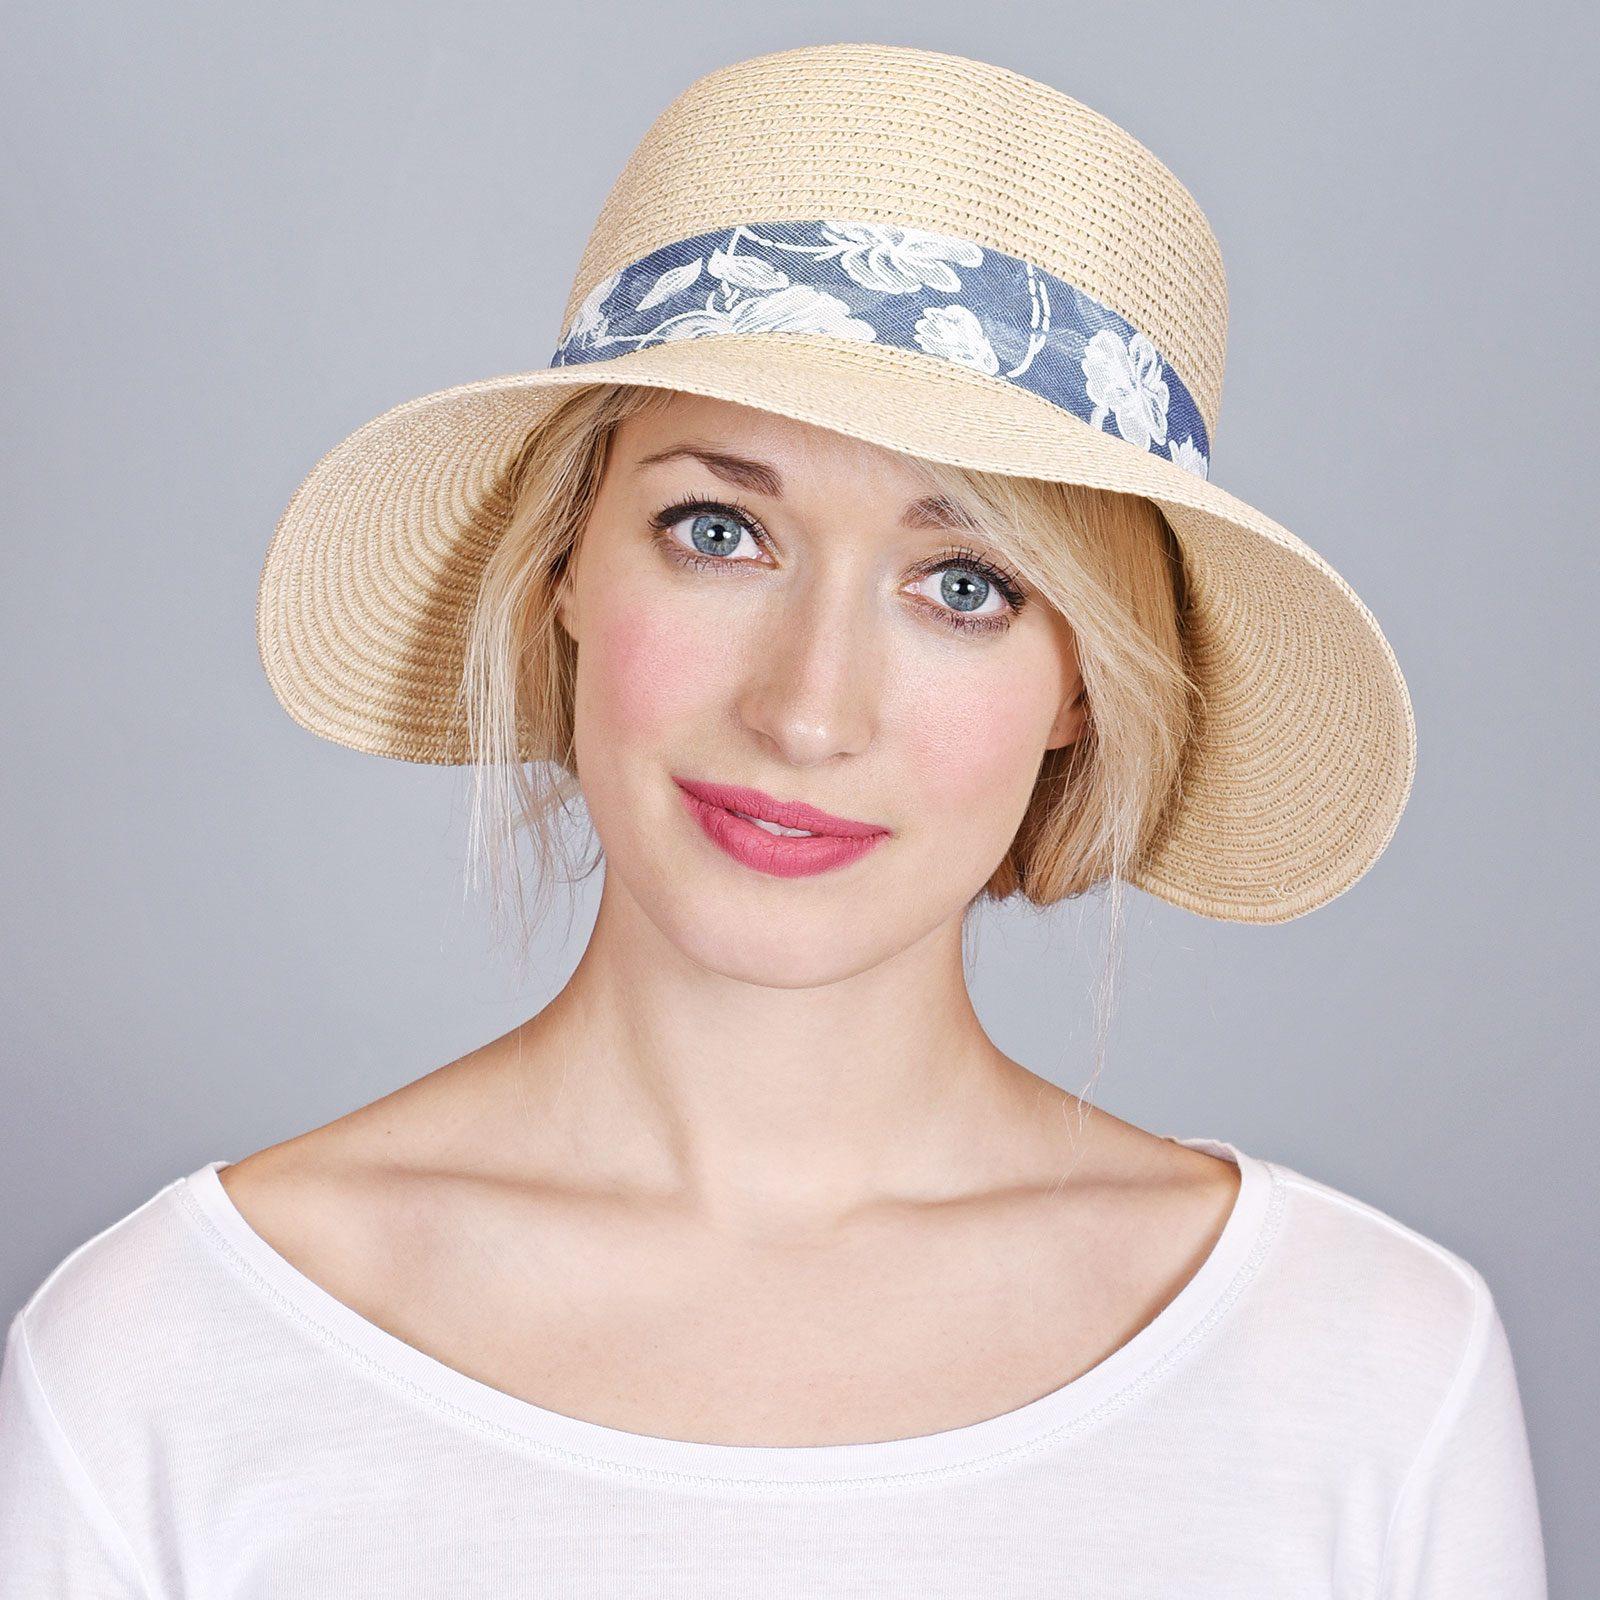 http://lookbook.allee-du-foulard.fr/wp-content/uploads/2018/06/CP-00905-VF16-1-chapeau-femme-casquette-ruban-bleu-1600x1600.jpg